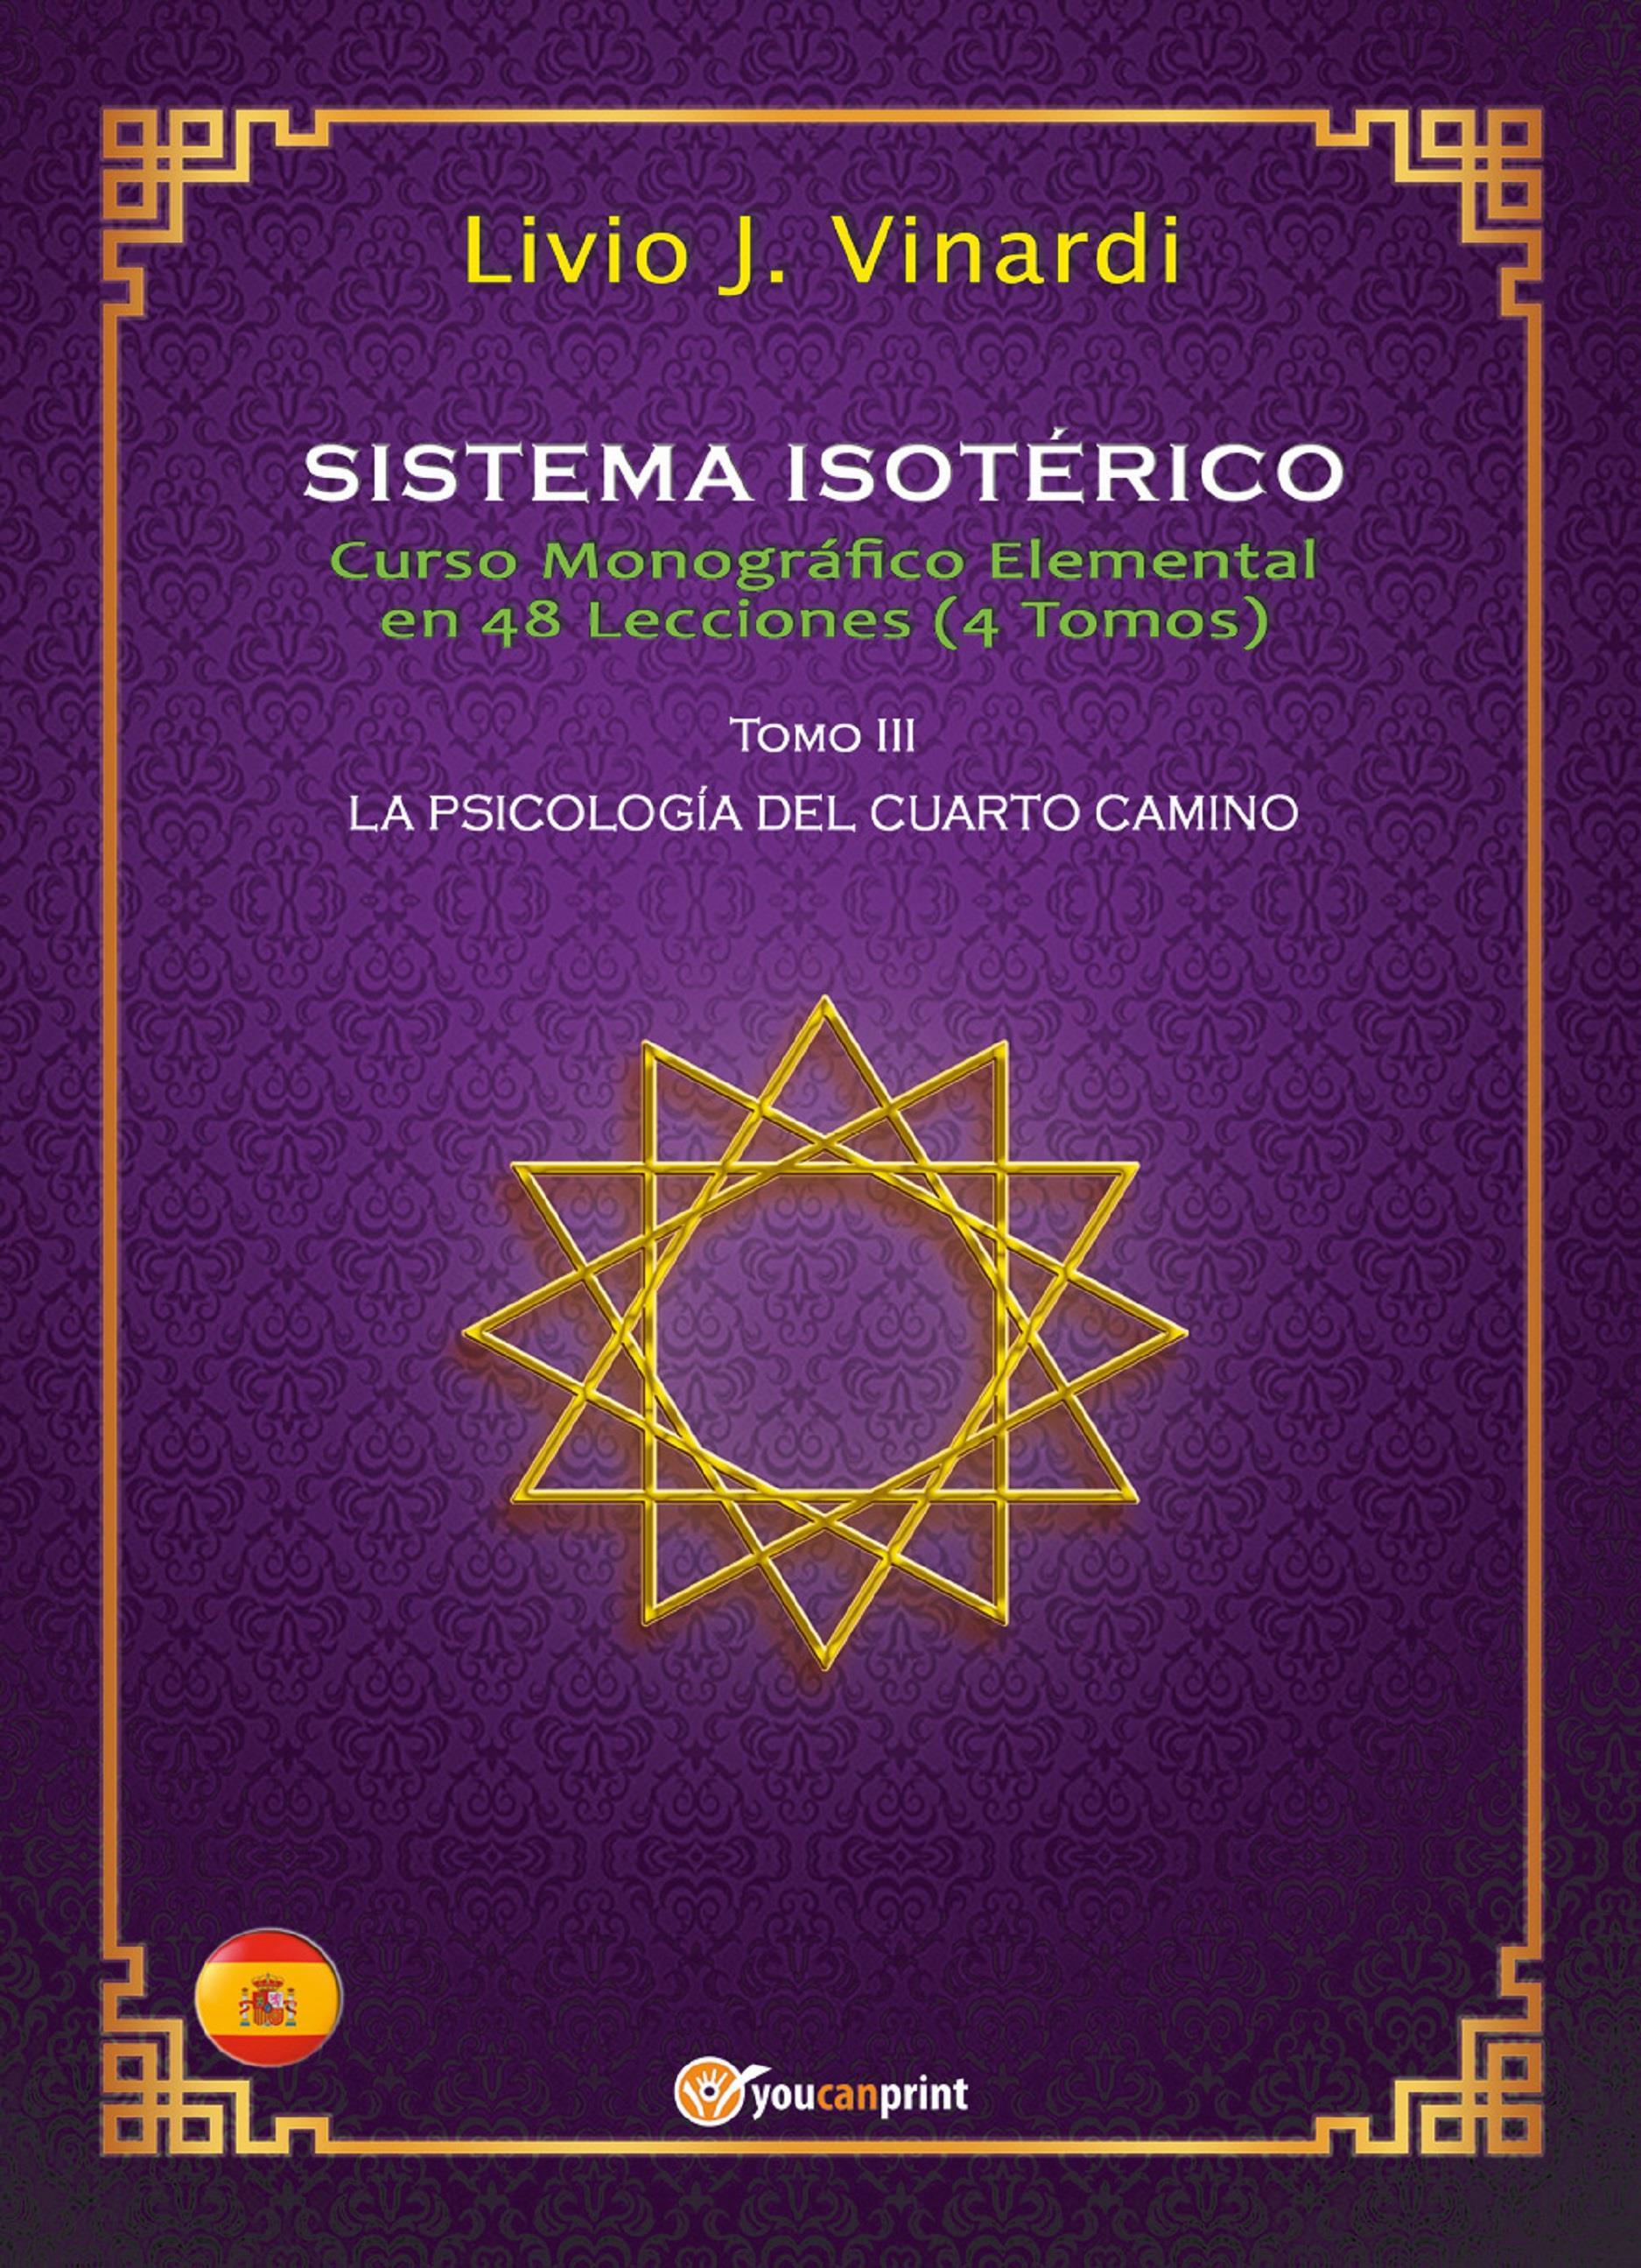 SISTEMA ISOTÉRICO – Curso Monográfico Elemental en 48 Lecciones – Tomo III (EN ESPAÑOL)